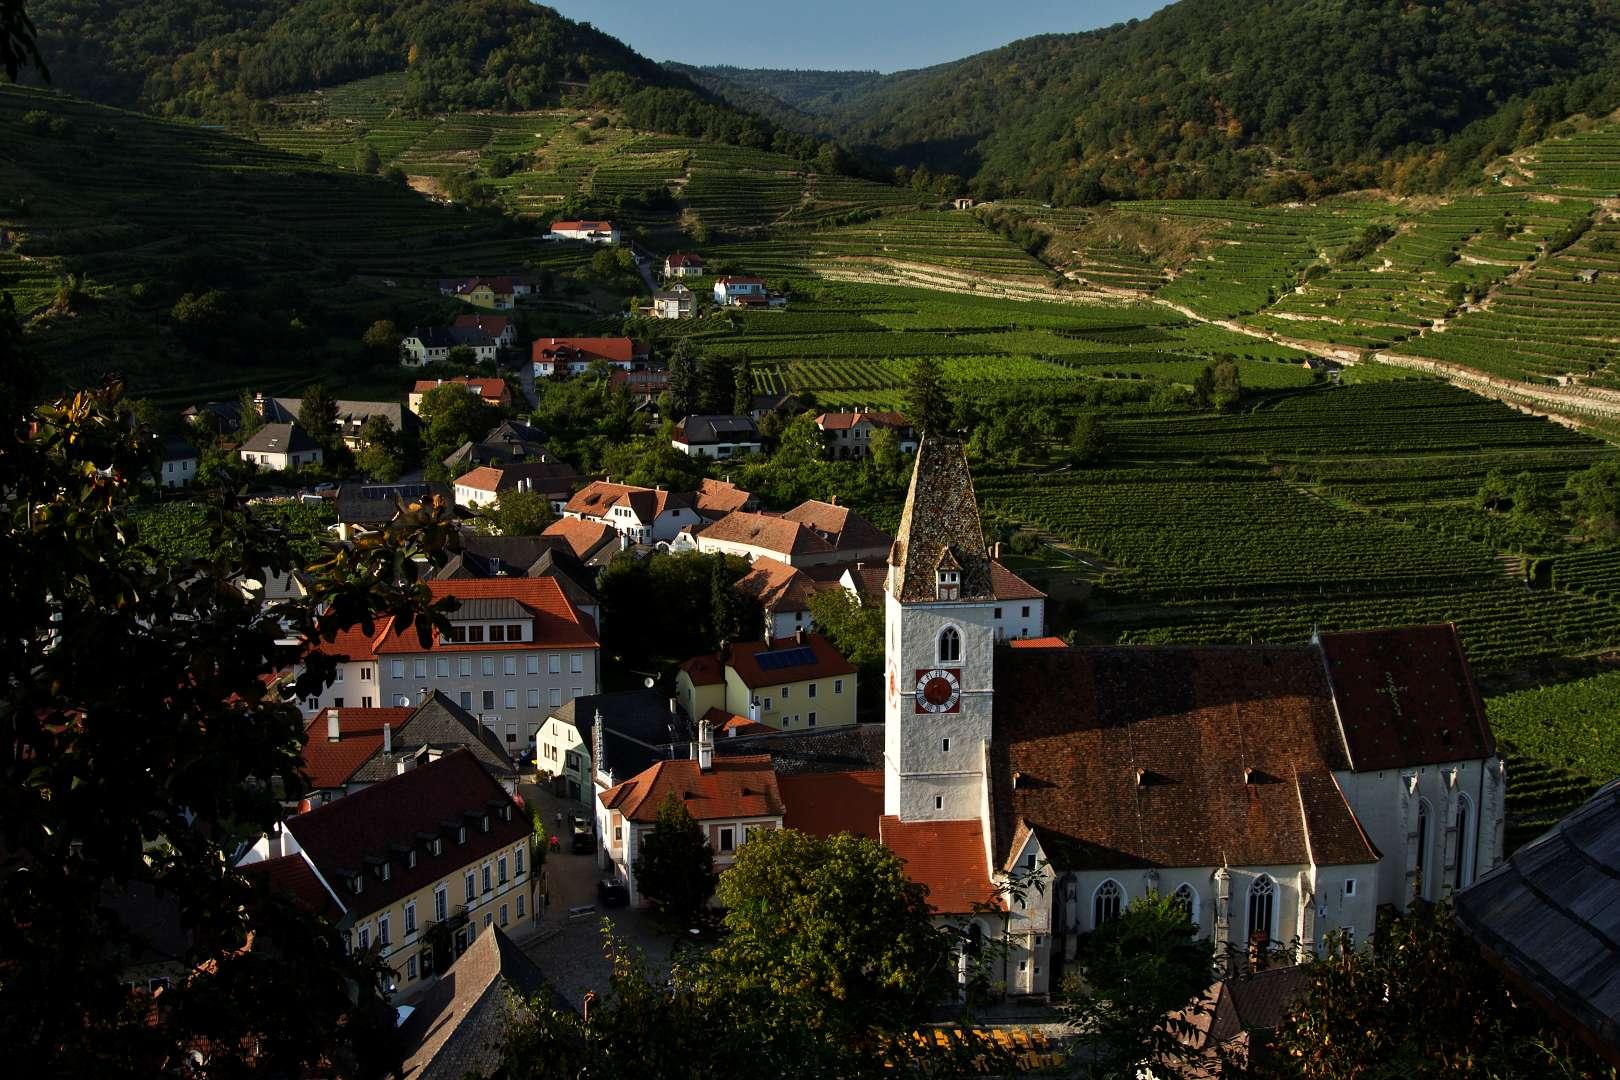 Wachau: Výhled na Spitz z hlásky na Tausendeimerbergu